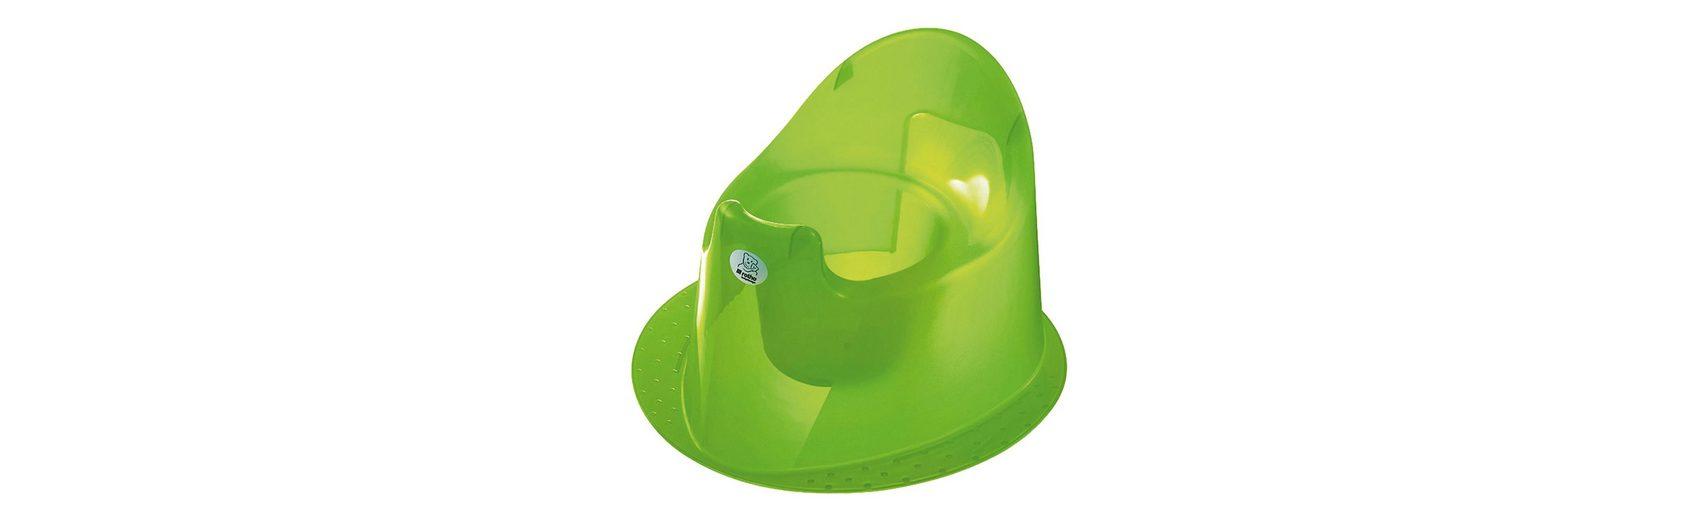 Rotho Babydesign Töpfchen Top,translucent lime